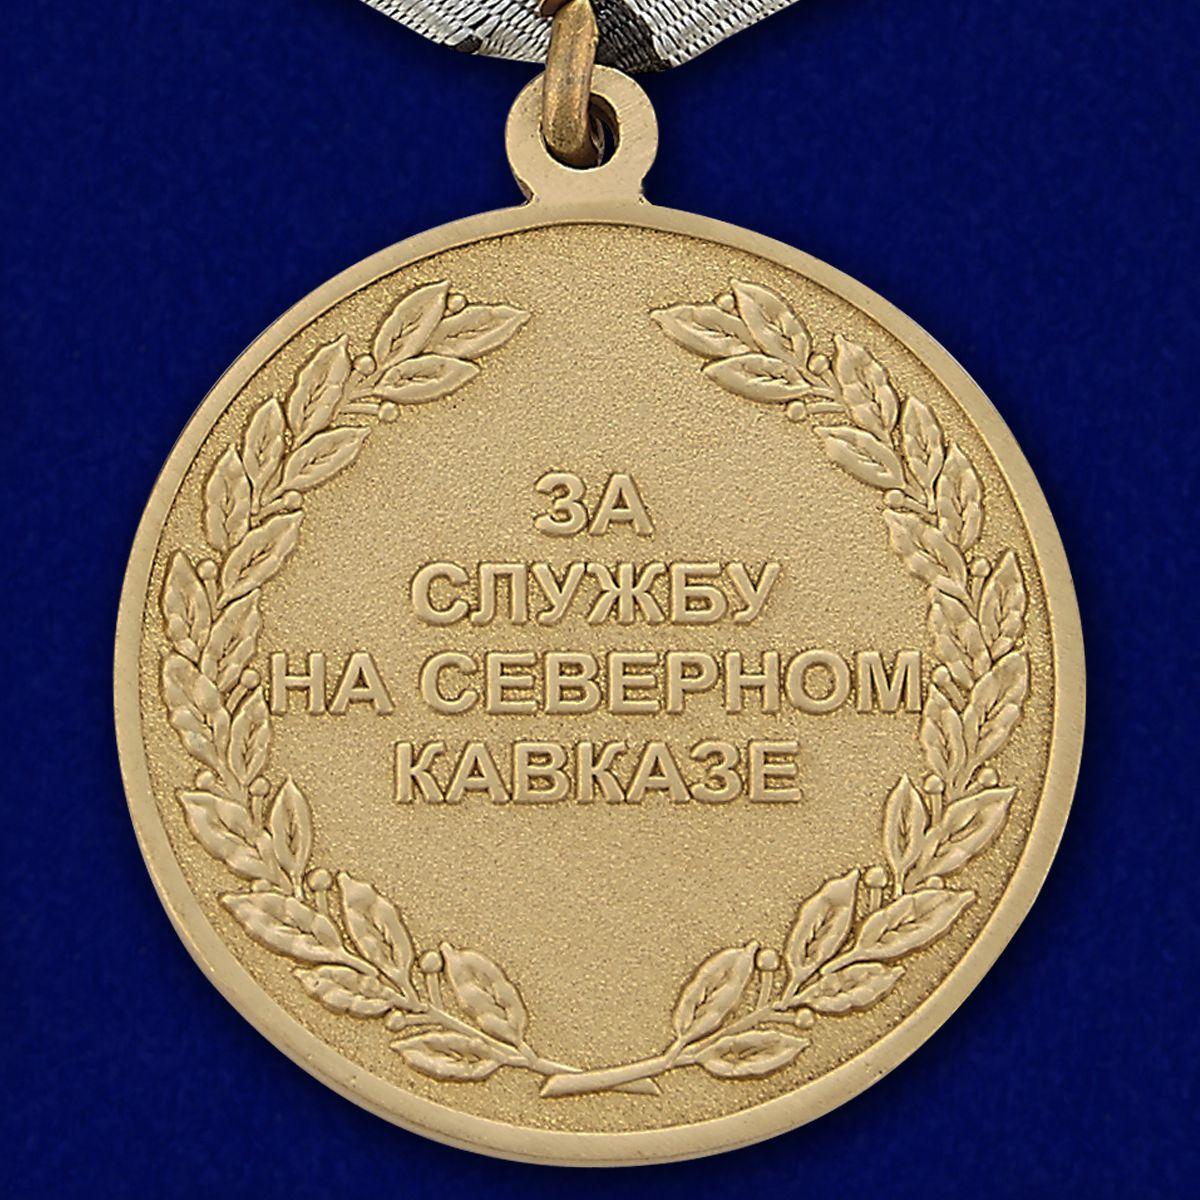 """Медаль """"За службу на Северном Кавказе"""" - оборотная сторона"""